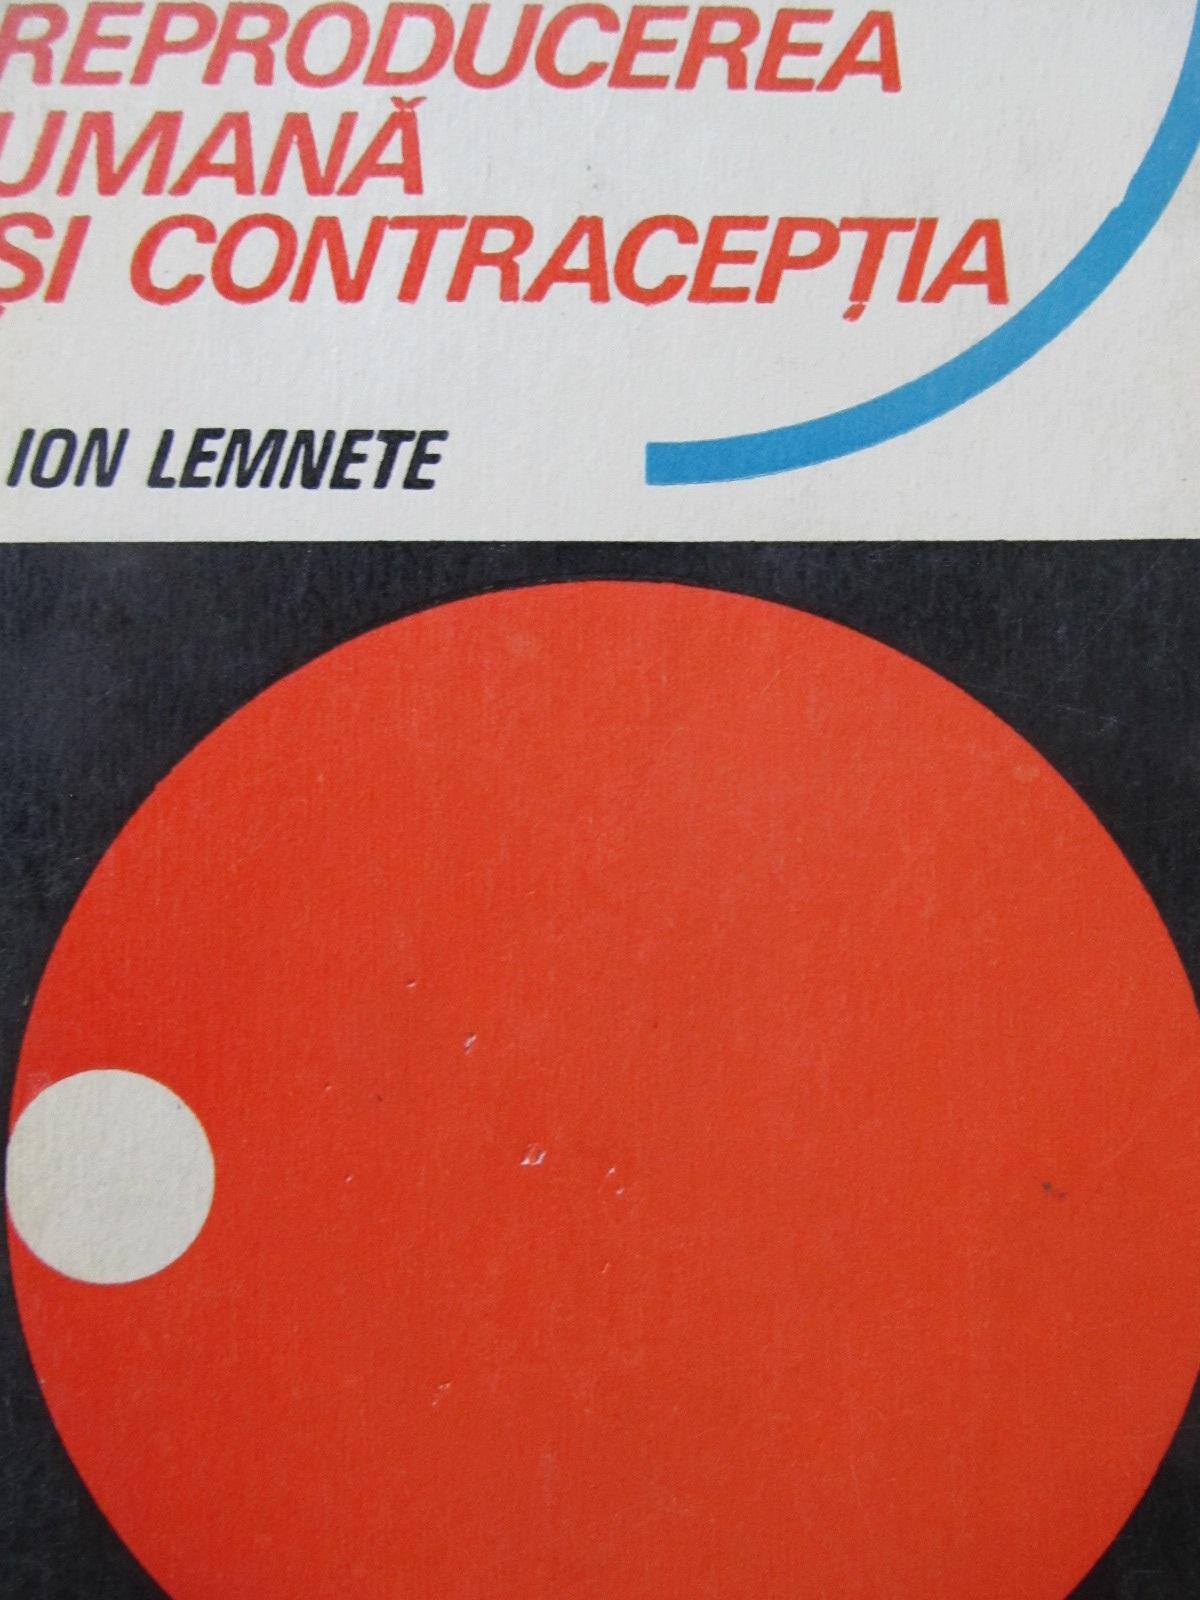 Reproductia umana si contraceptia - Ion Lemnete | Detalii carte